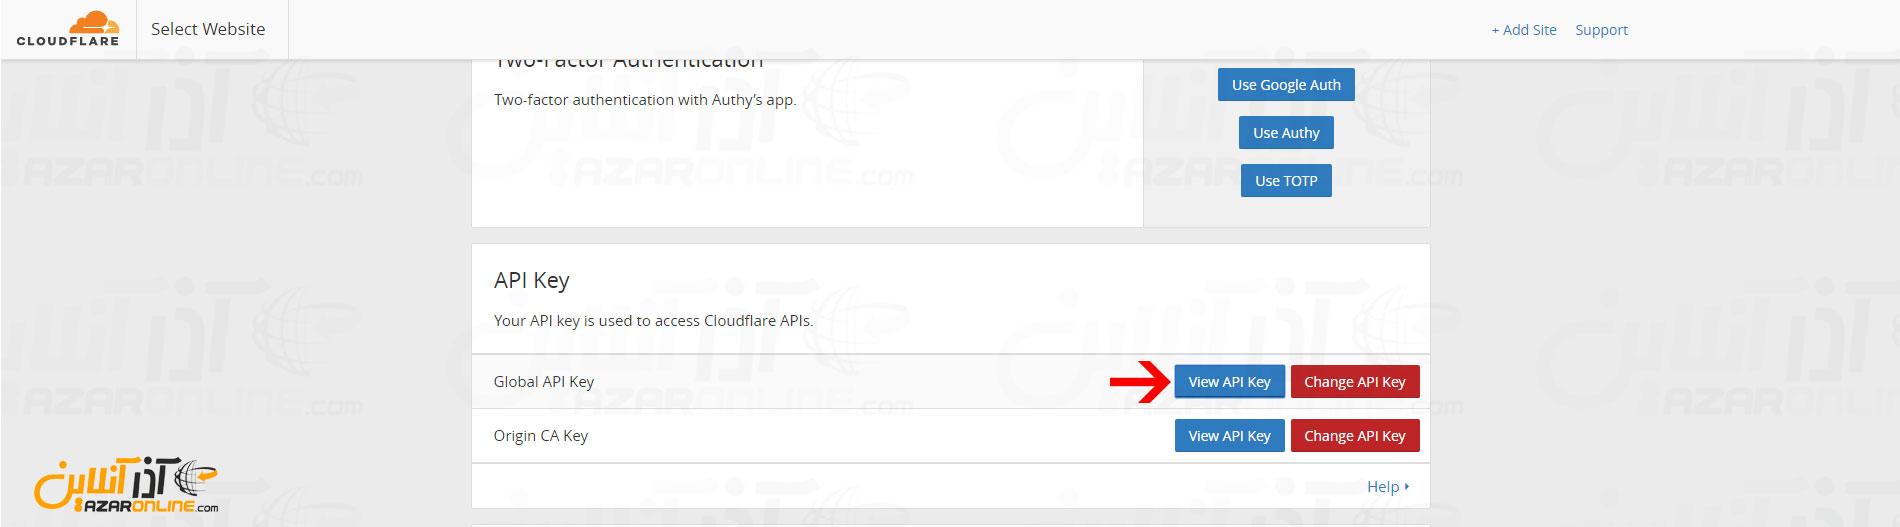 دیدن کد API کلودفلر